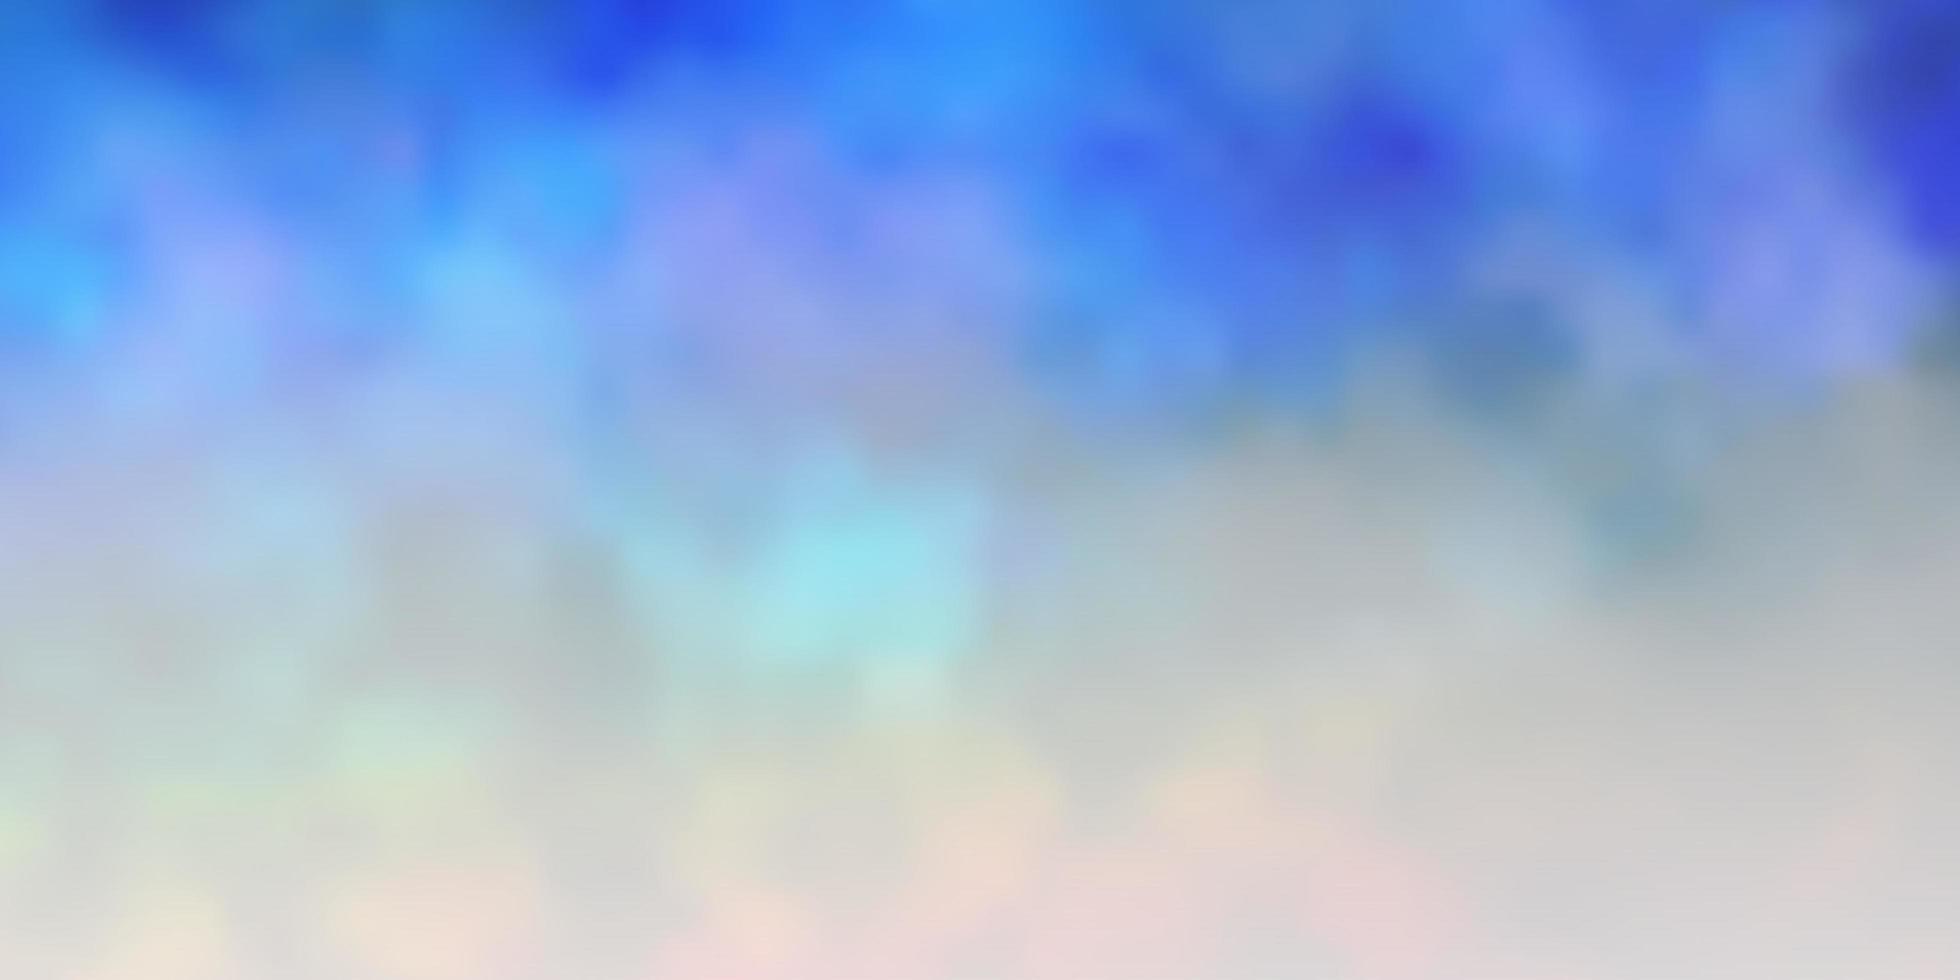 dunkles mehrfarbiges Vektorlayout mit Wolkenlandschaft. vektor